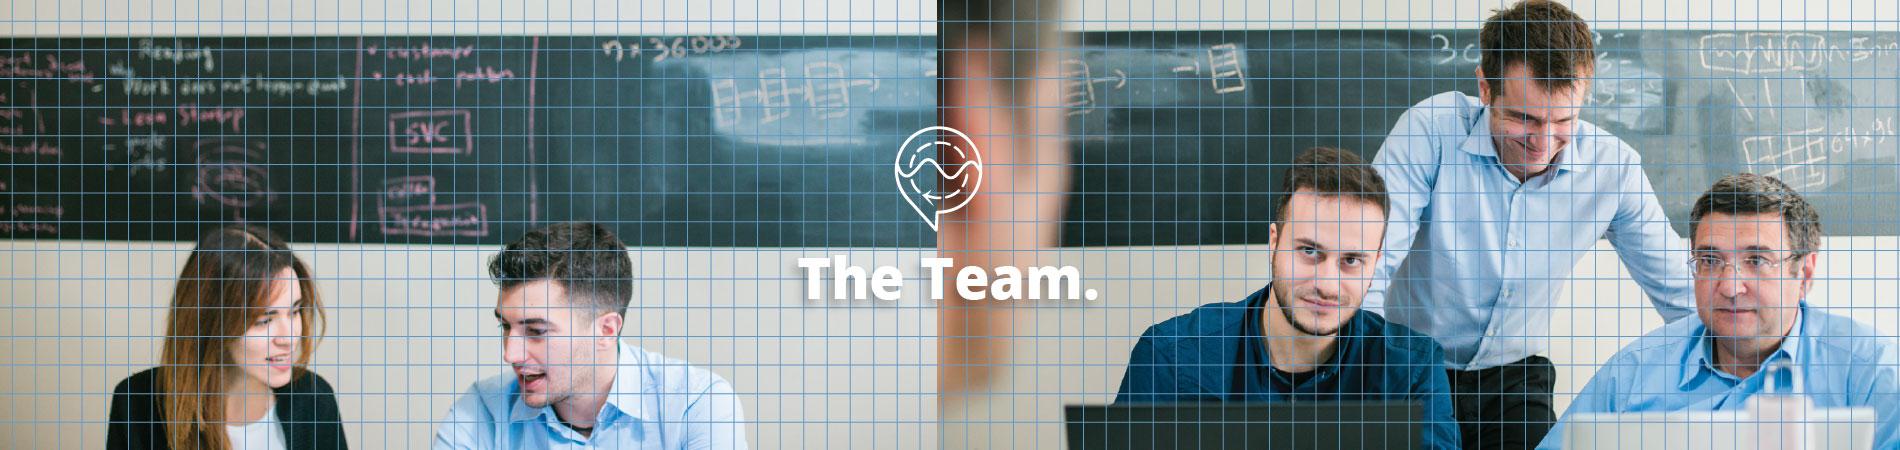 Behavioral Signals The Team